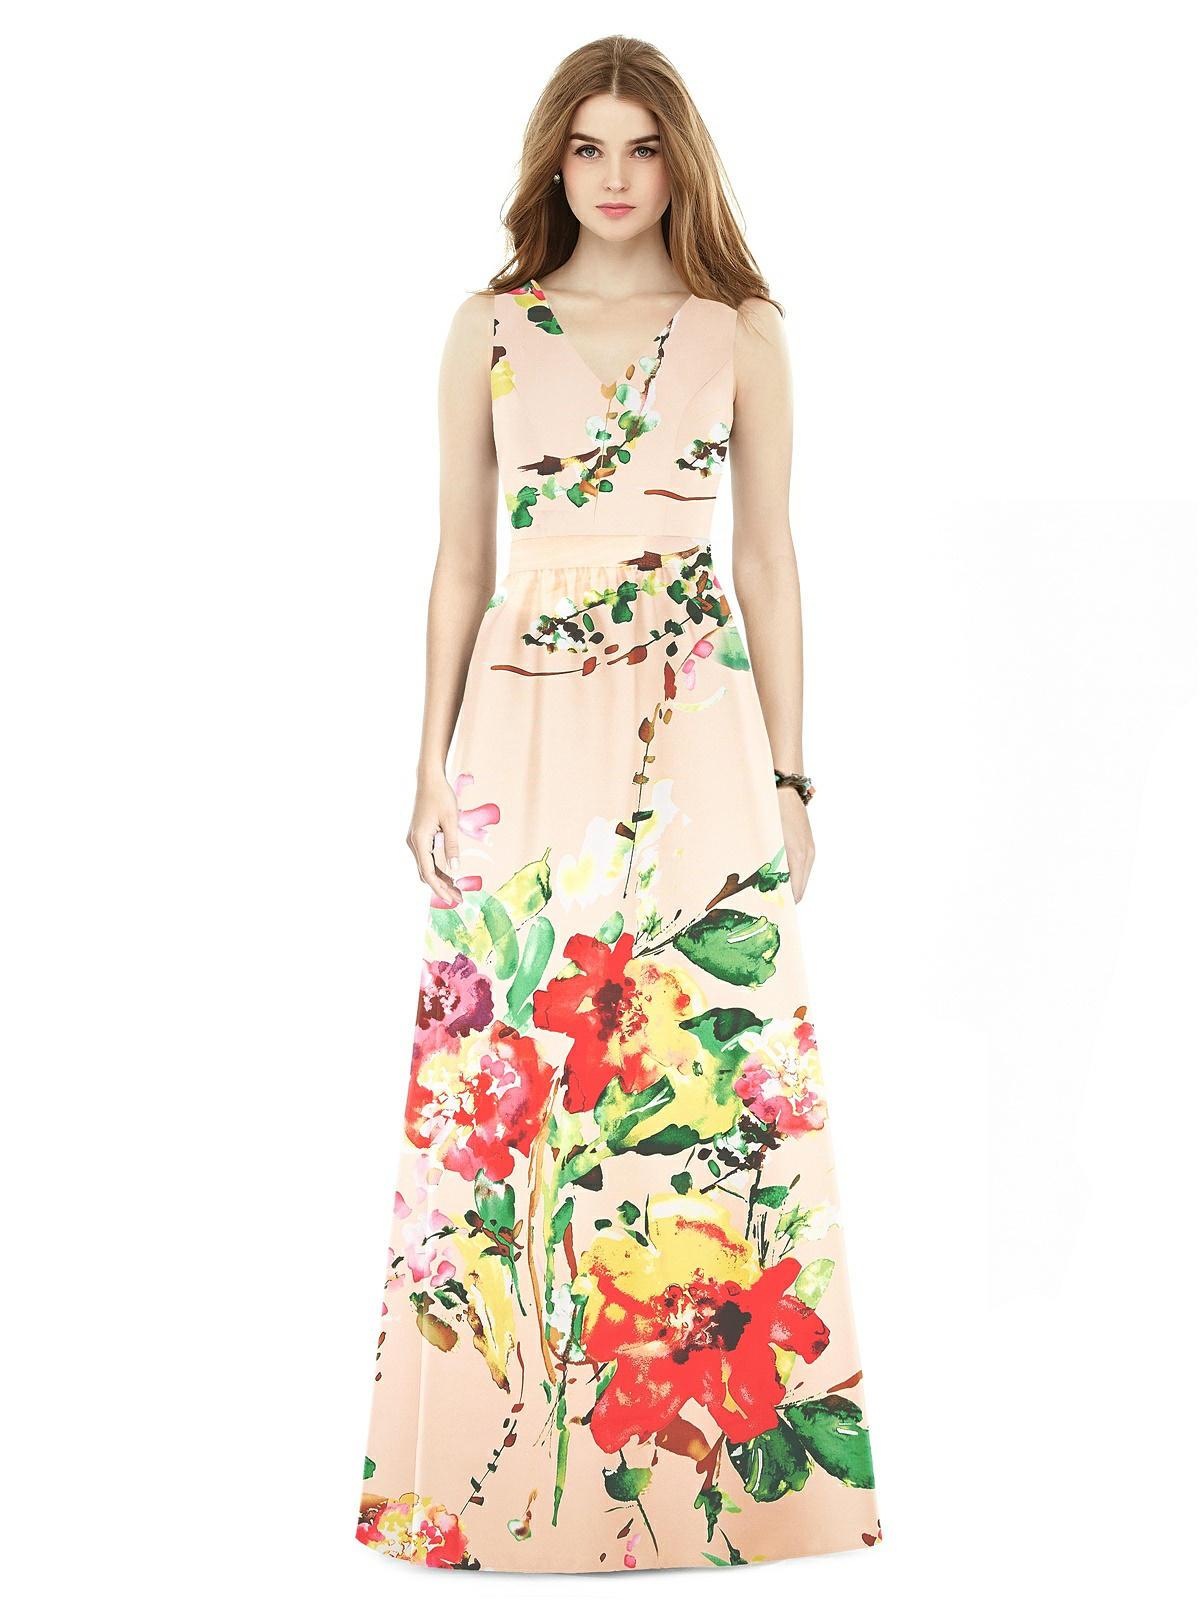 6d35cfca5 Home · Bridesmaid Dresses · Alfred Sung Bridesmaid Dress D752FP. ○; ○